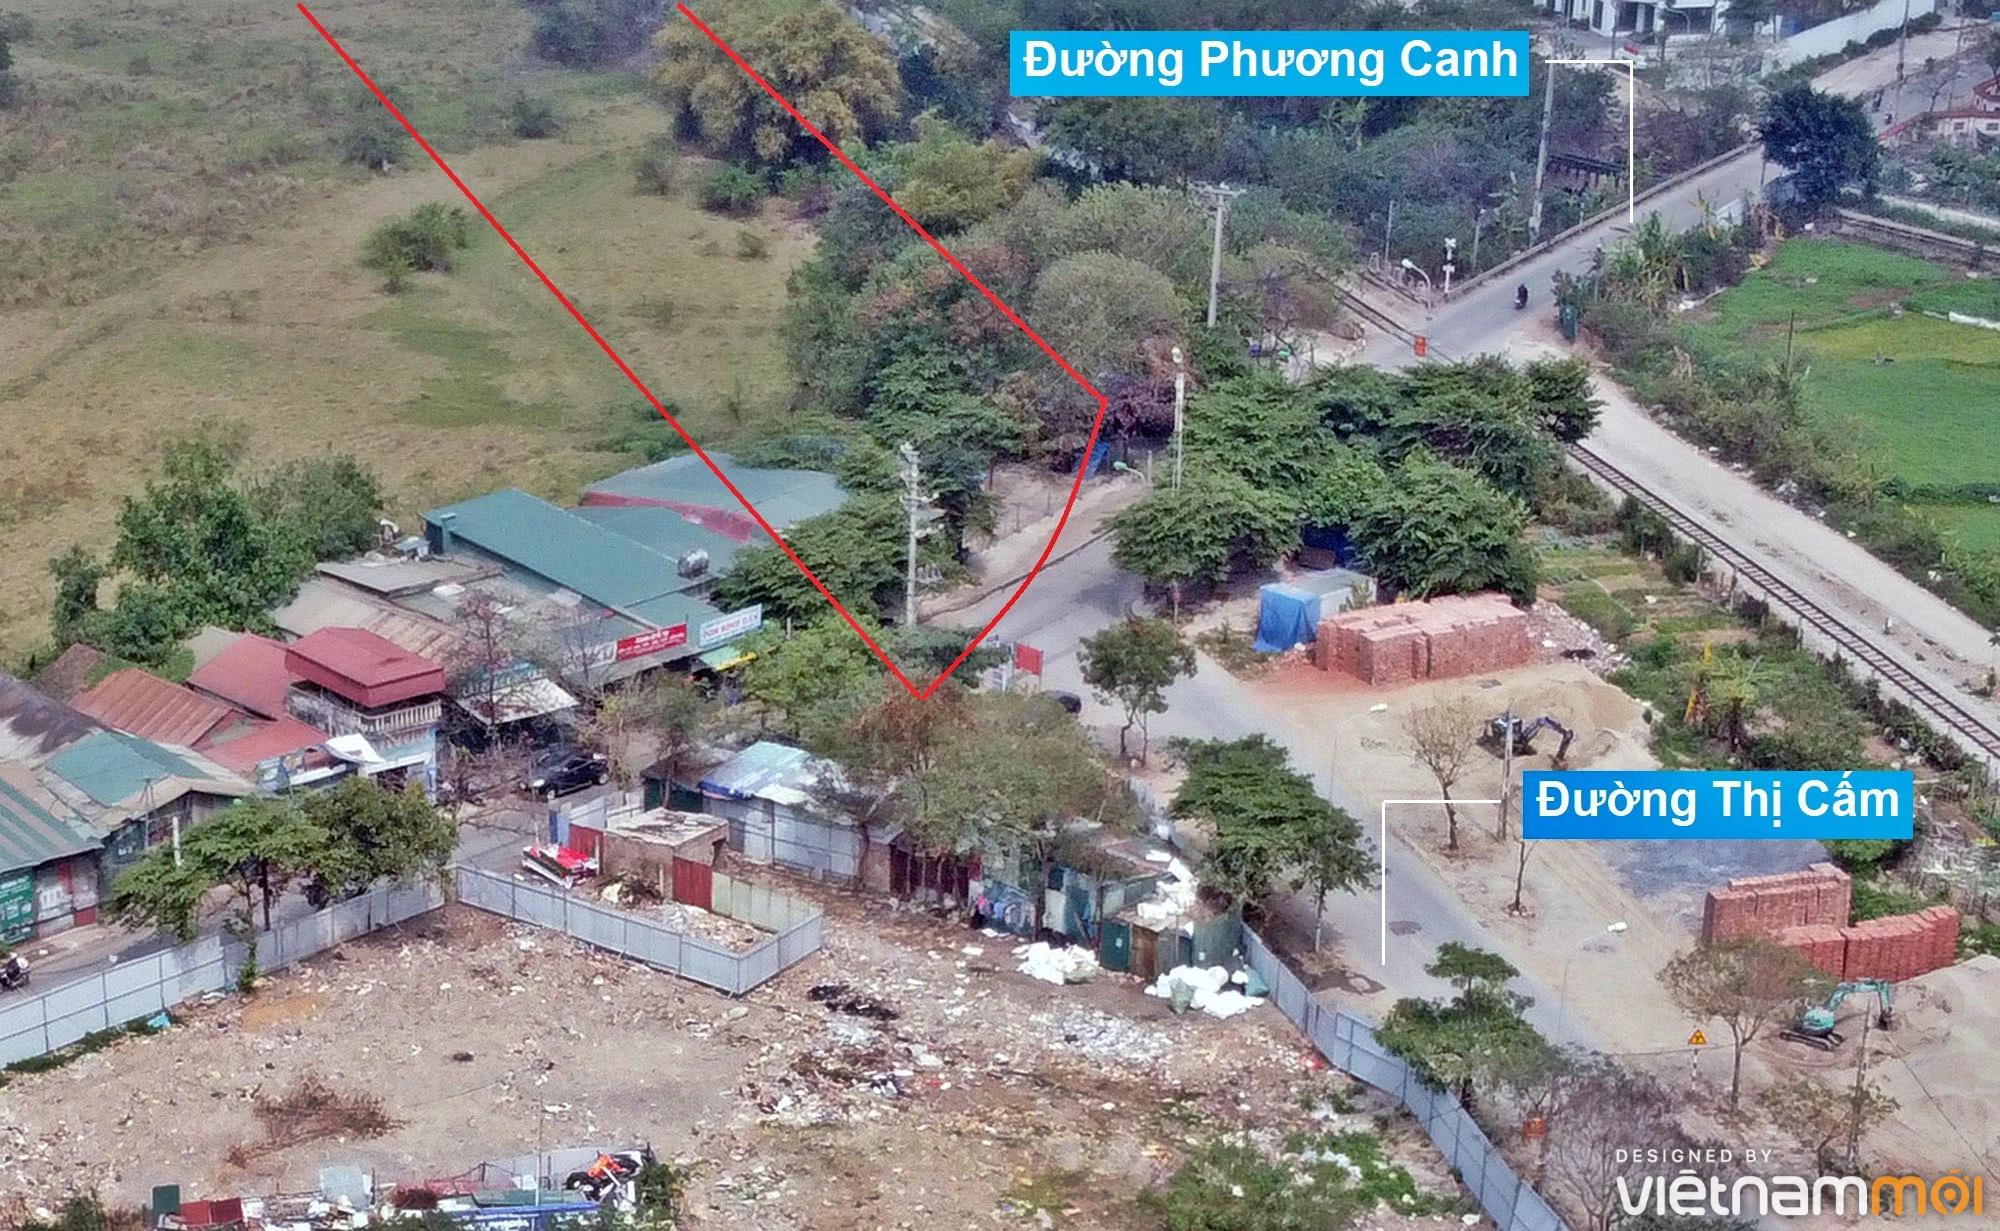 Những khu đất sắp thu hồi để mở đường ở phường Phương Canh, Nam Từ Liêm, Hà Nội (phần 3) - Ảnh 9.